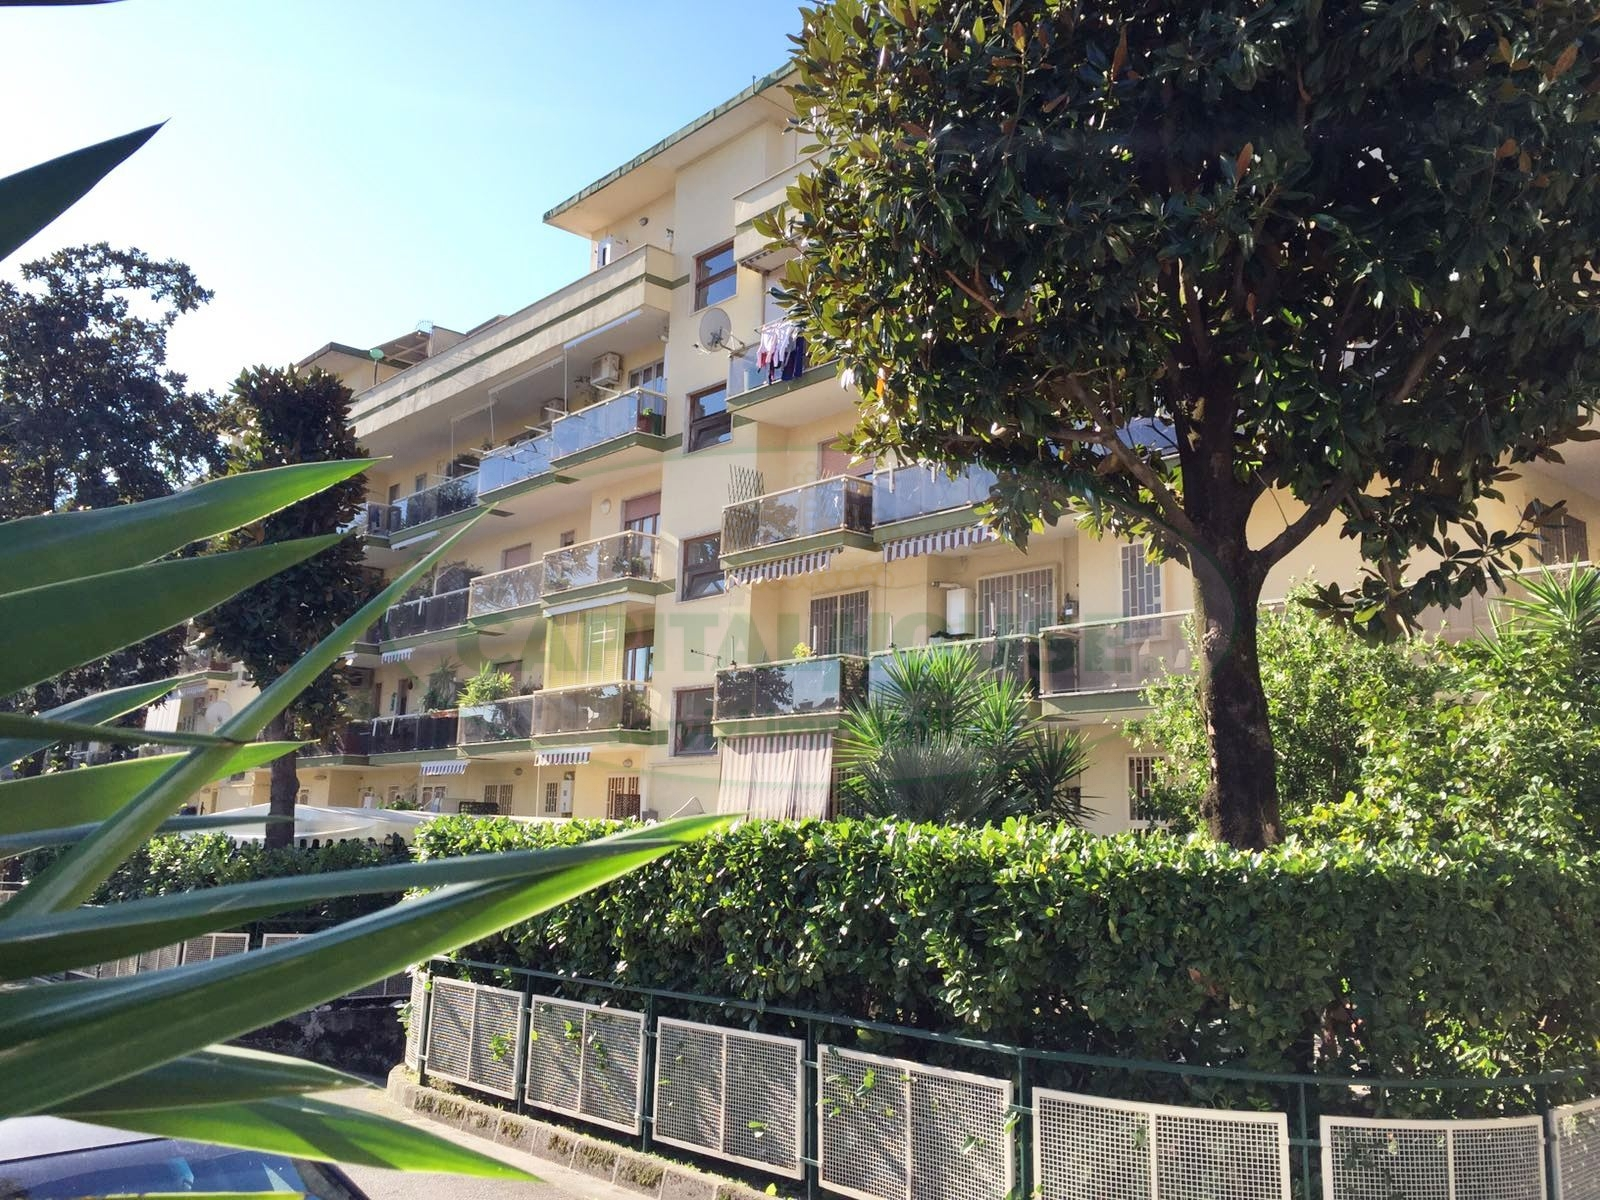 Appartamento in vendita a San Nicola la Strada, 3 locali, zona Località: L.DaVinci, prezzo € 159.000 | Cambio Casa.it